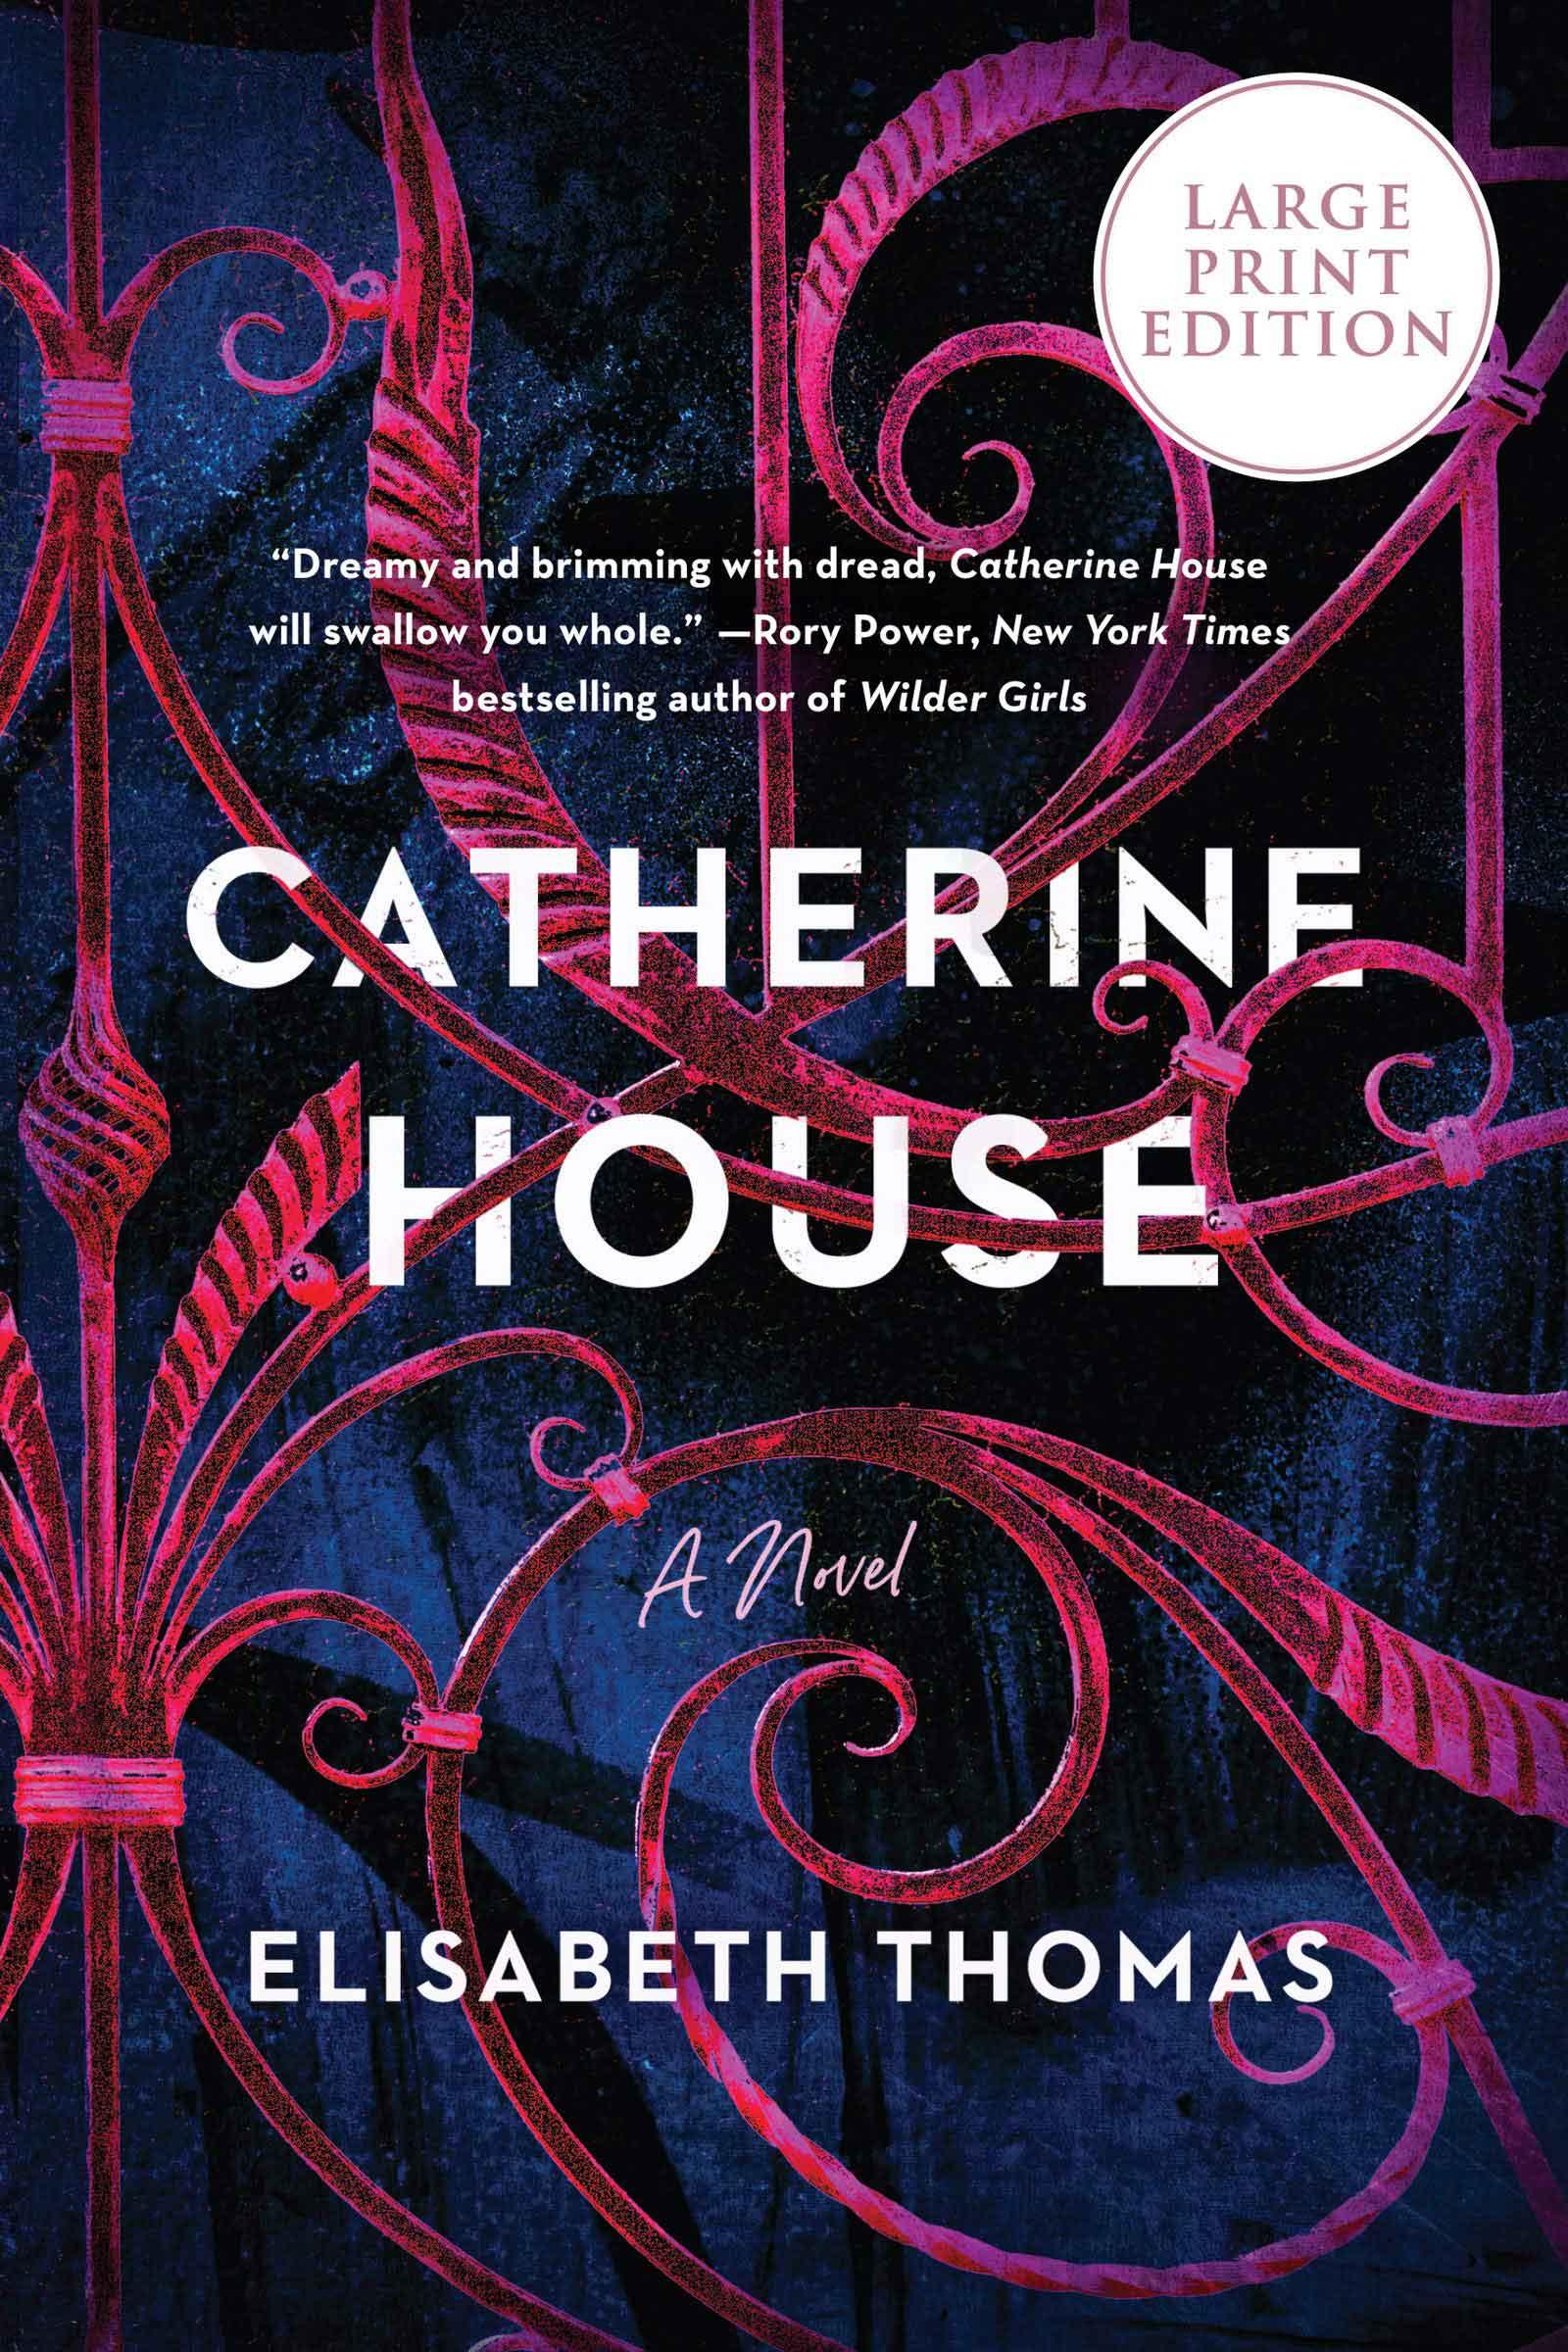 Catherine House by Elisabeth Thomas, Tinder, £16.99